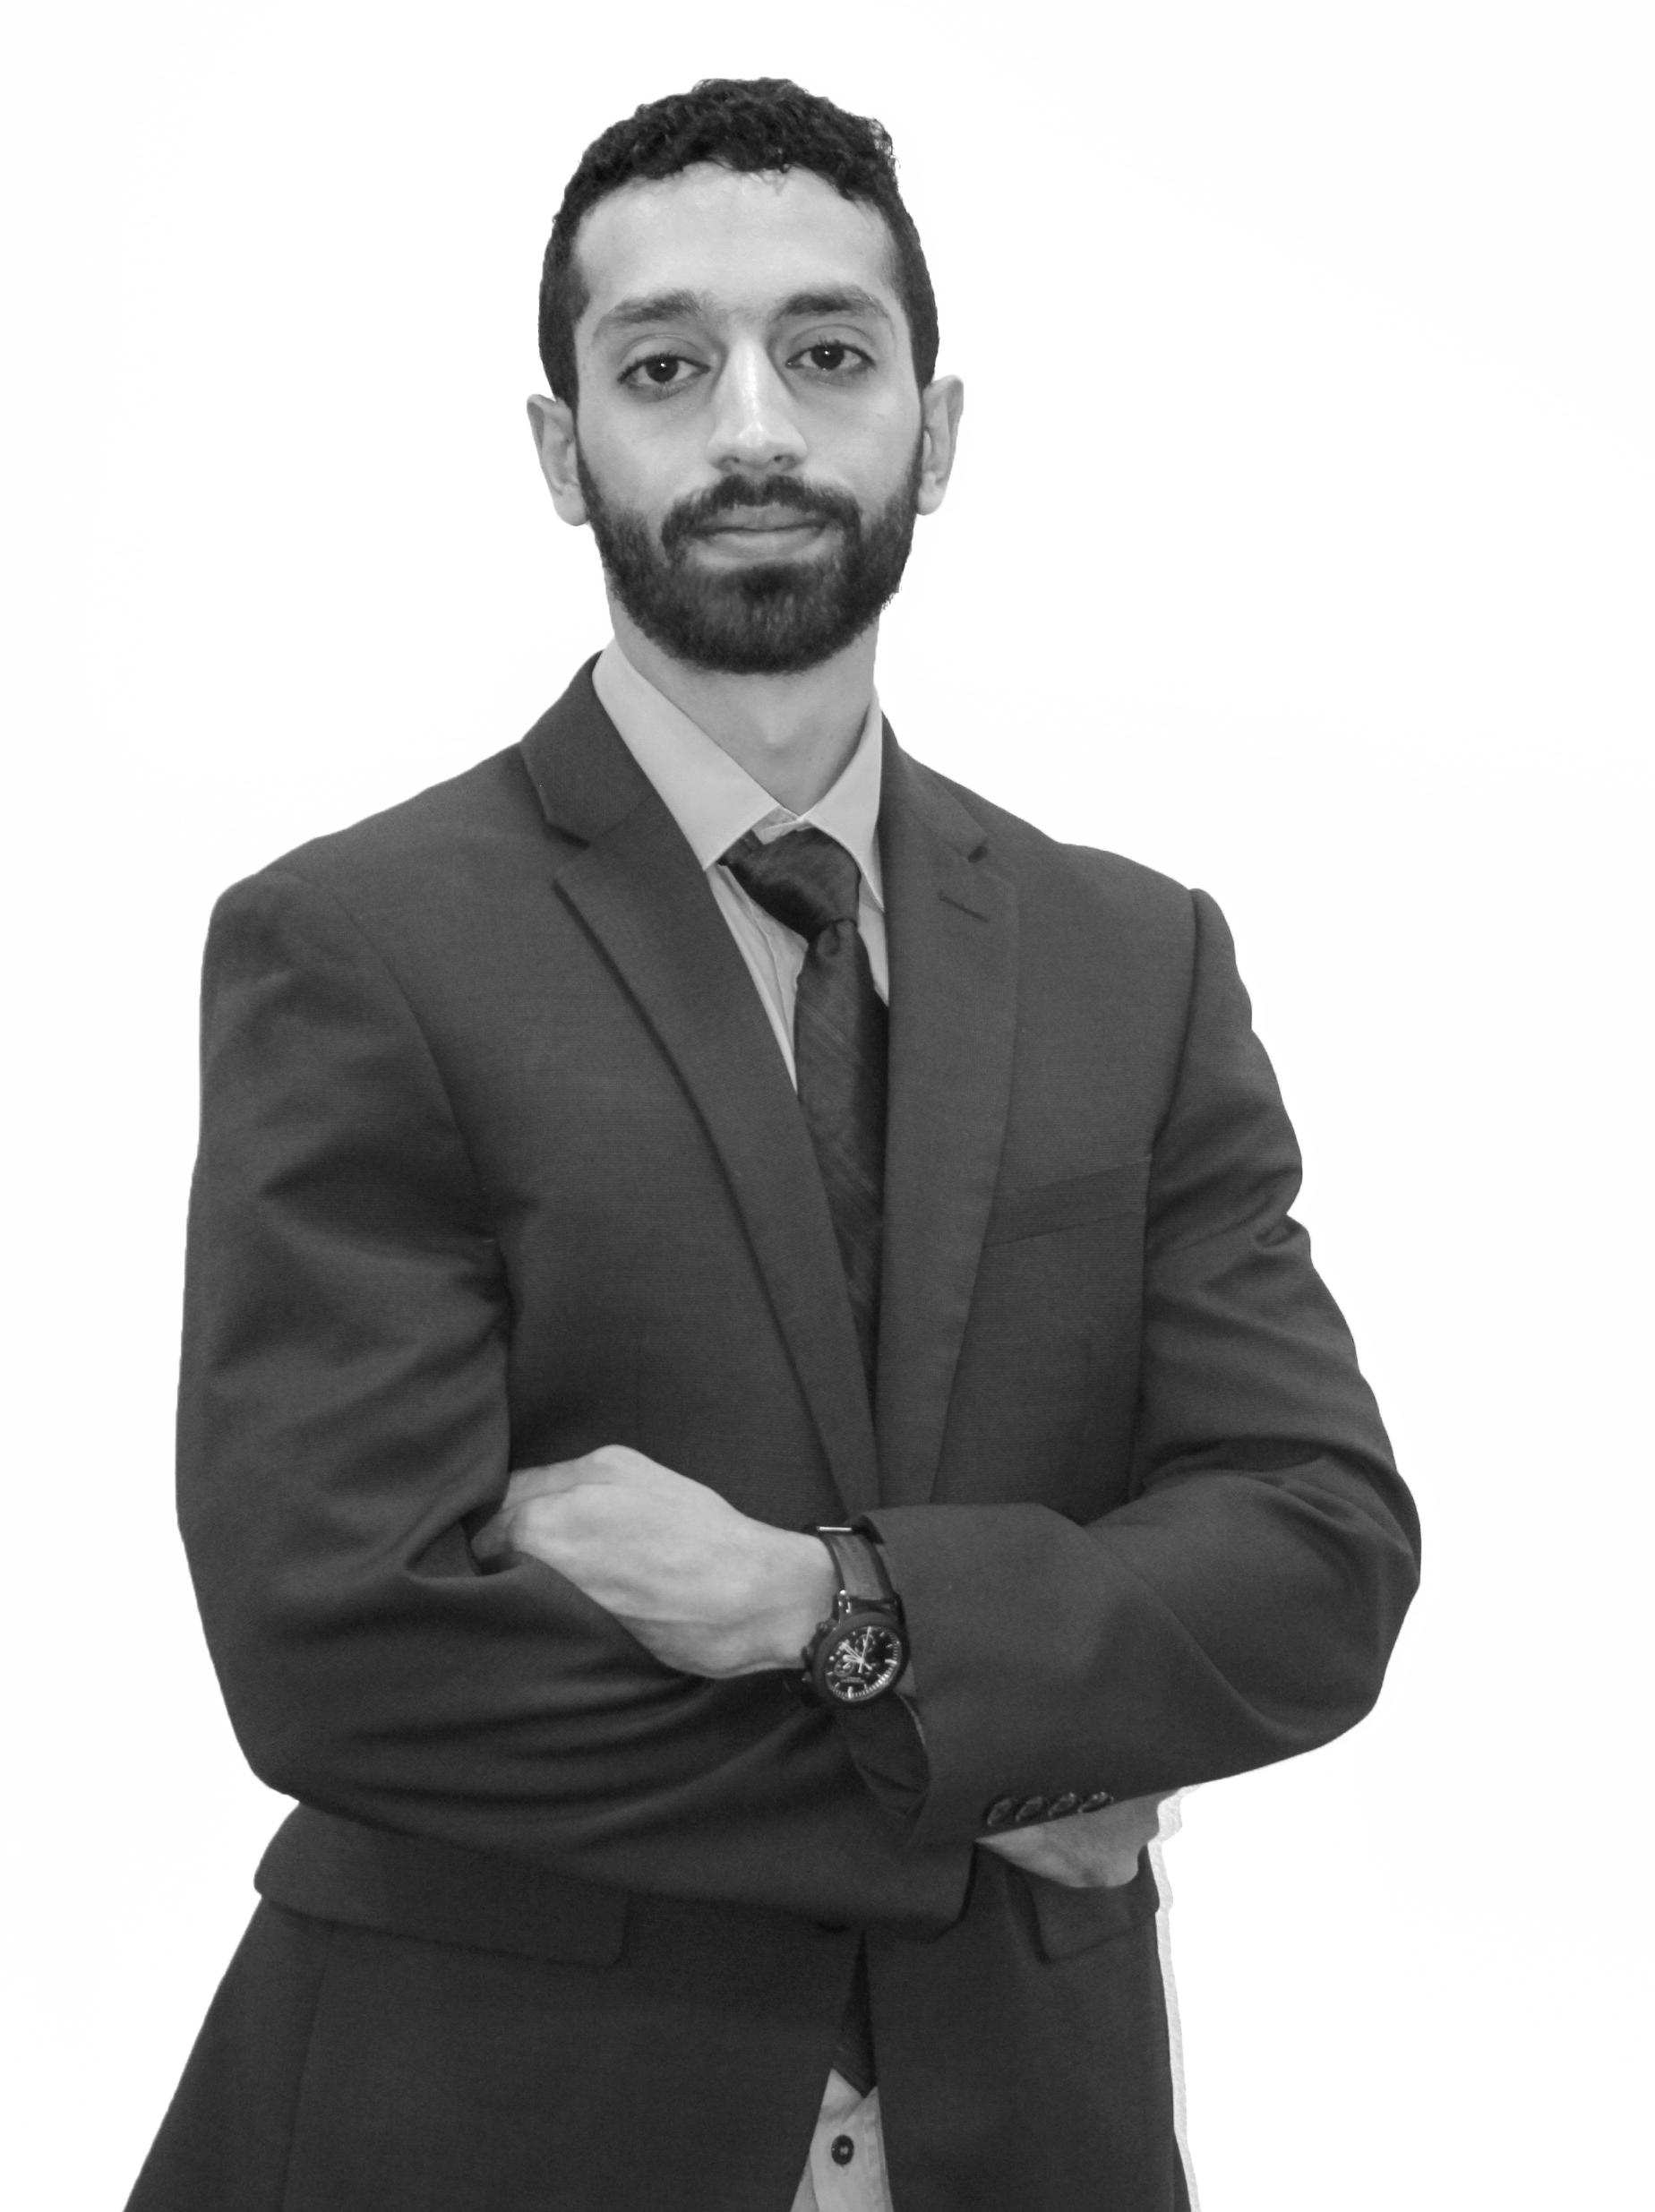 Abdullah Abulfaraj